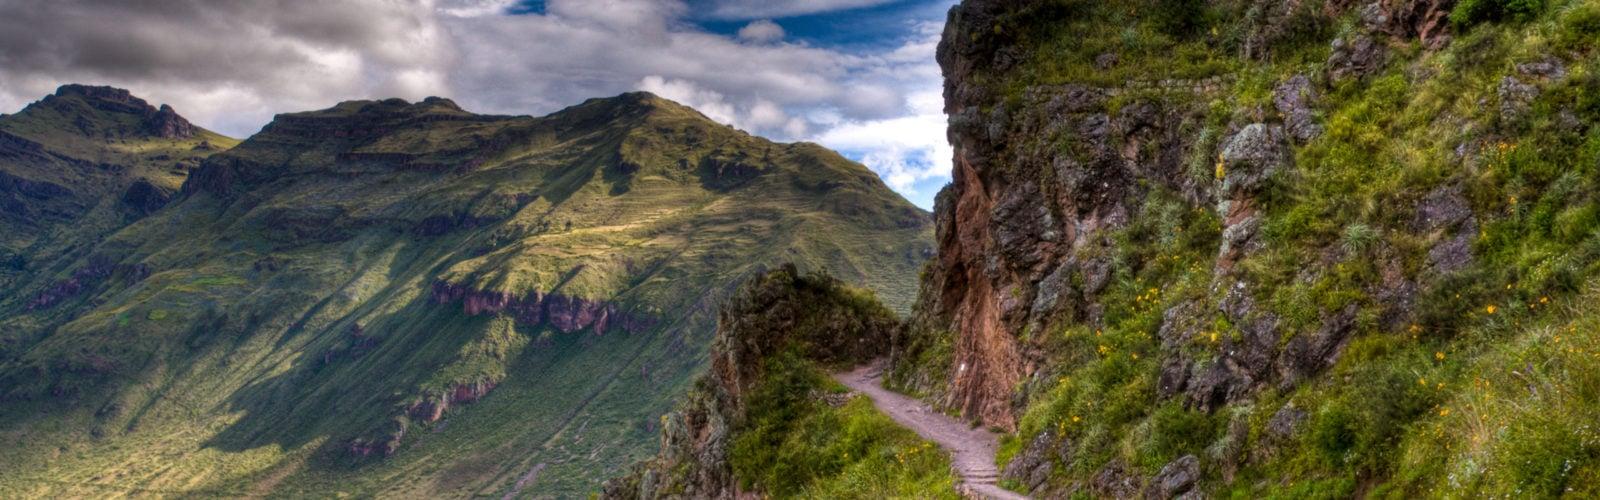 inca-trail-peru